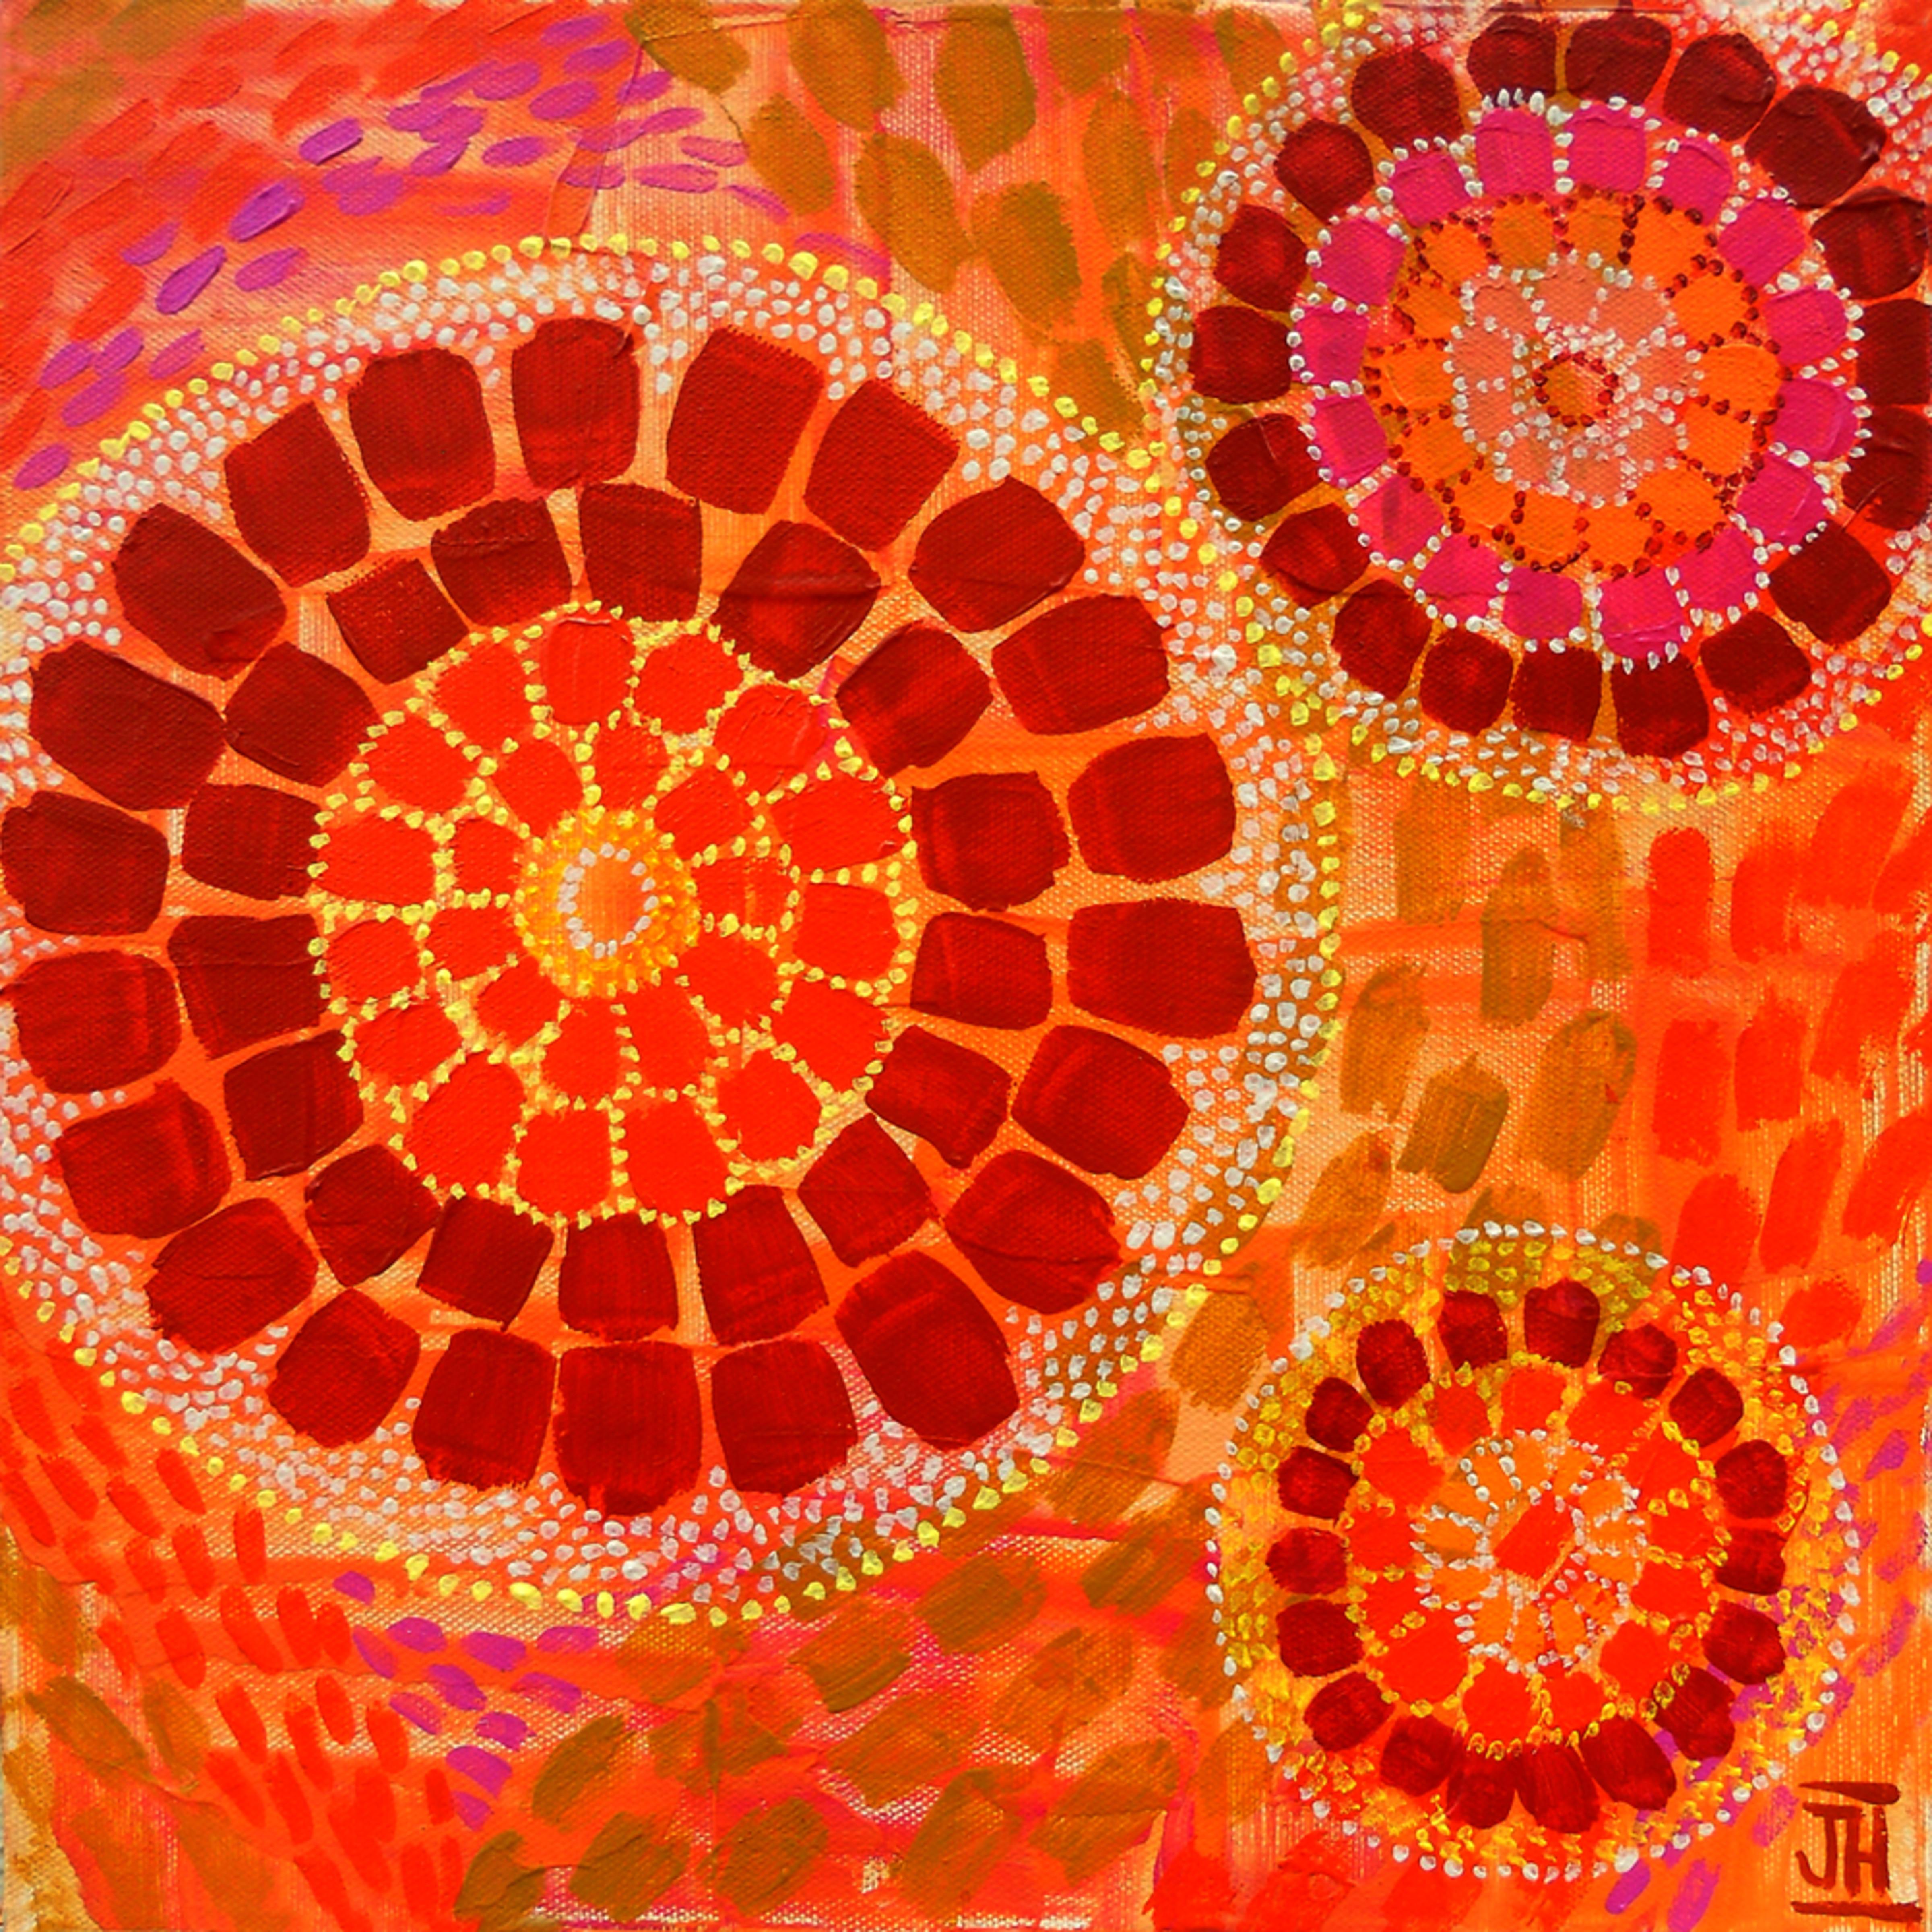 Kaleidoscope1 jhahn oglhai